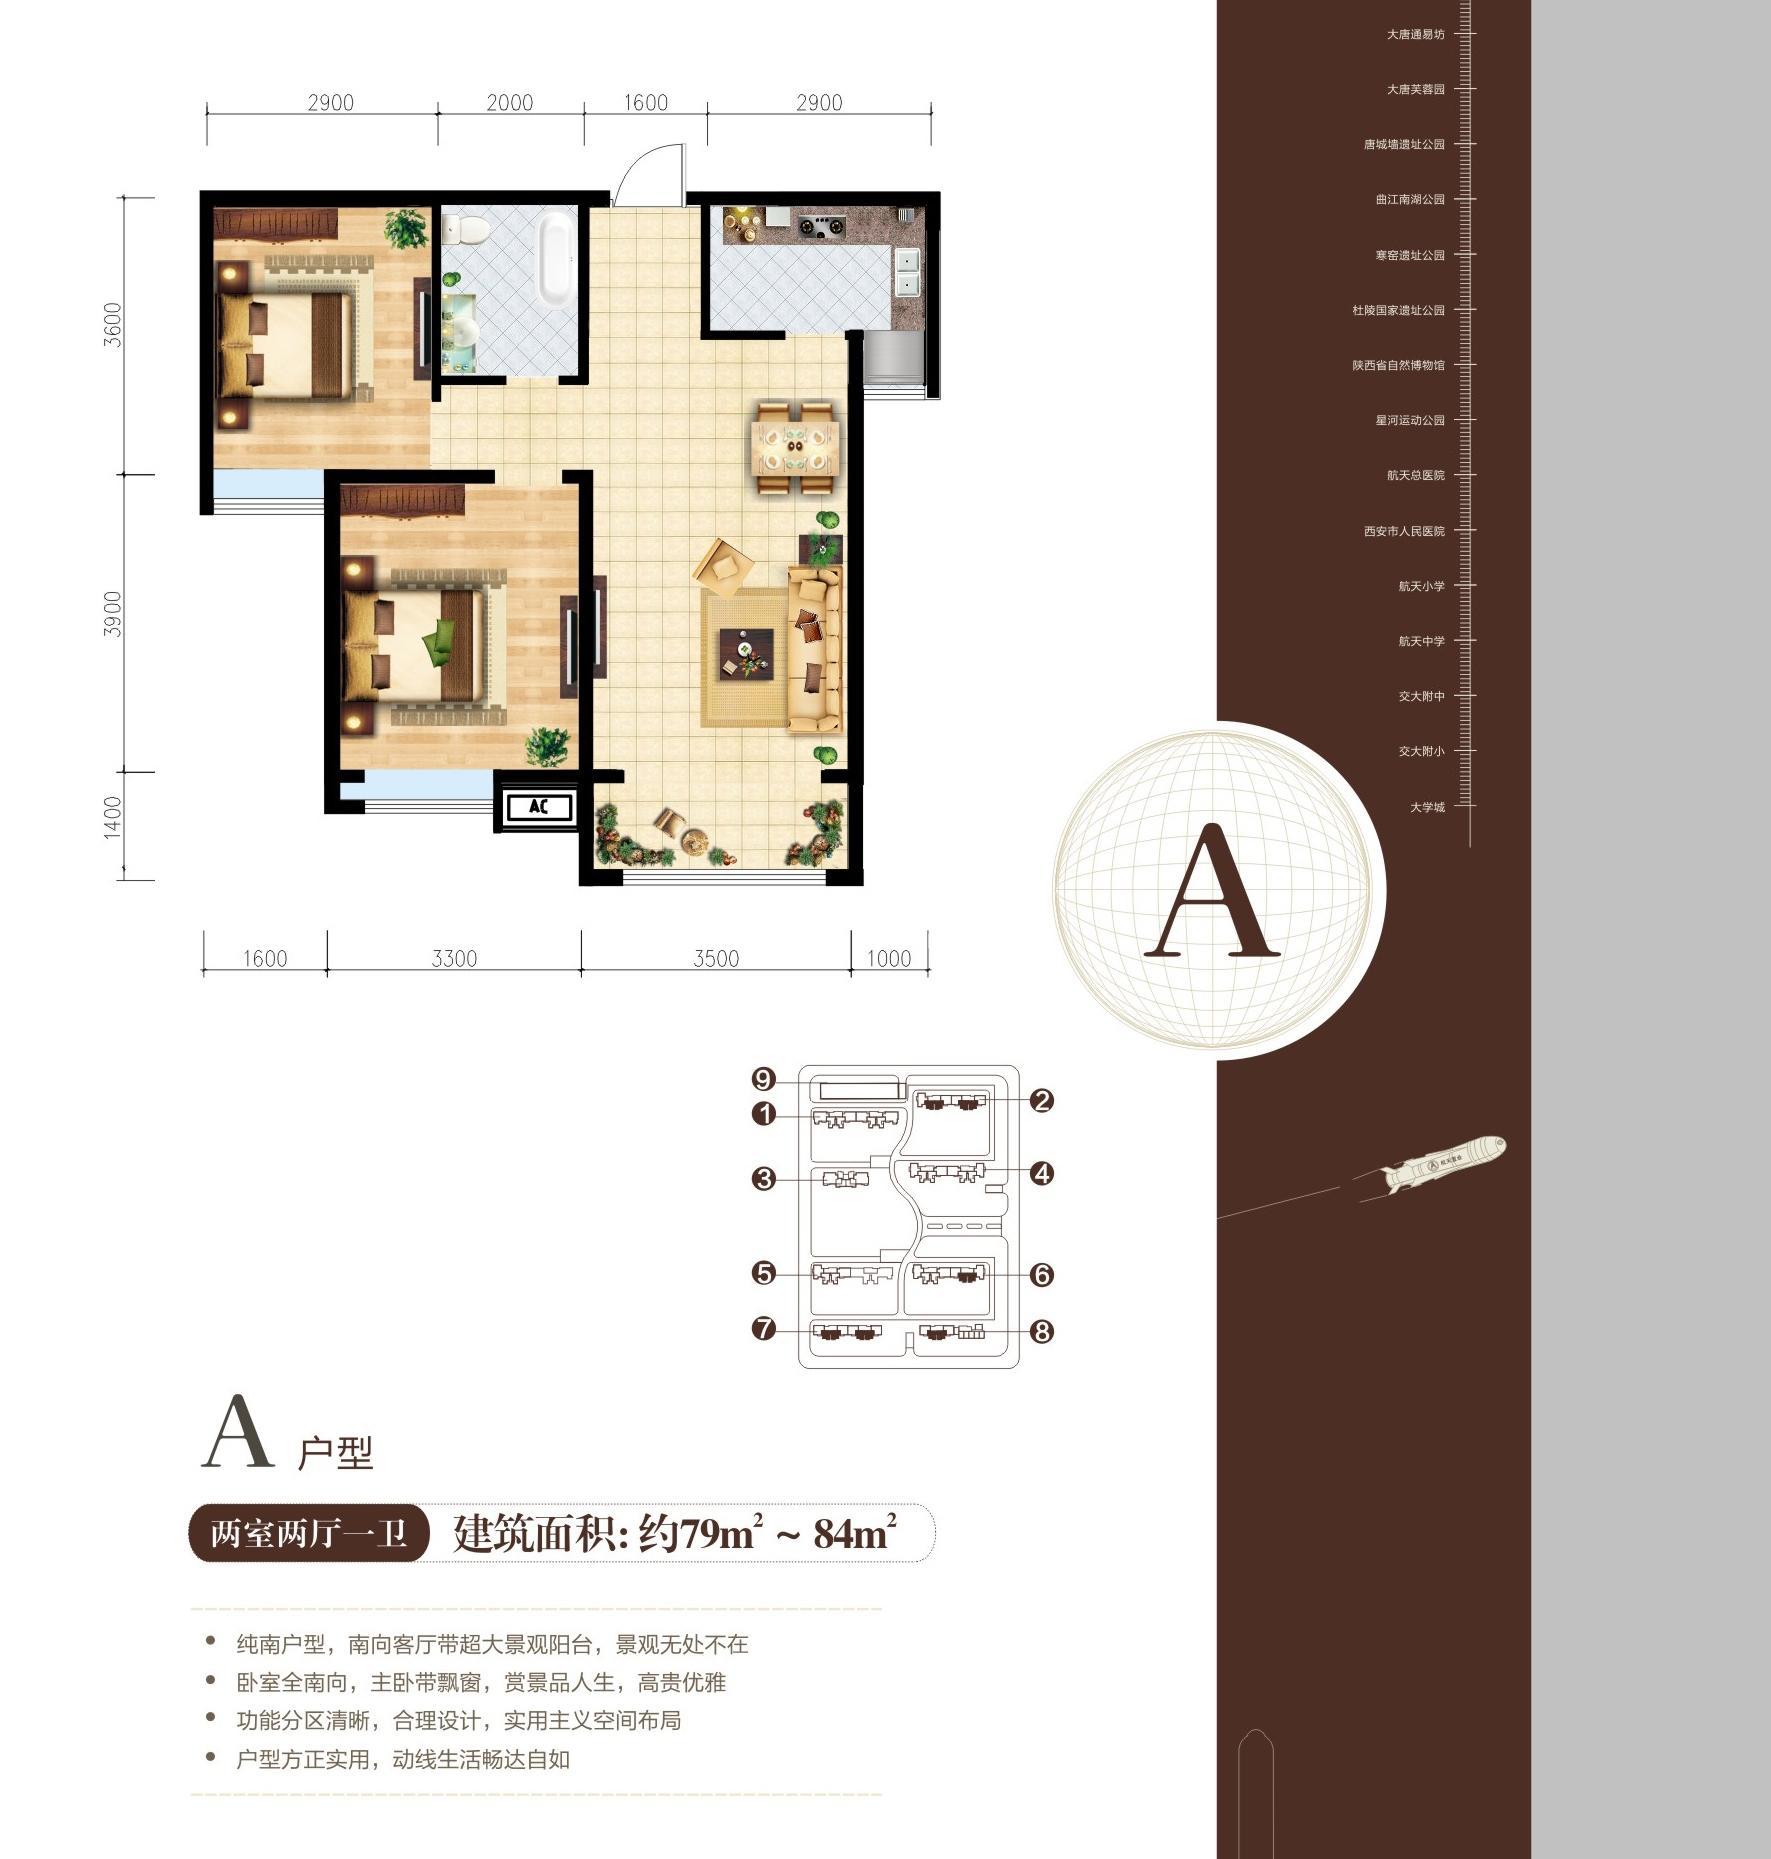 西安航天城二期A户型两室两厅一卫79-84㎡